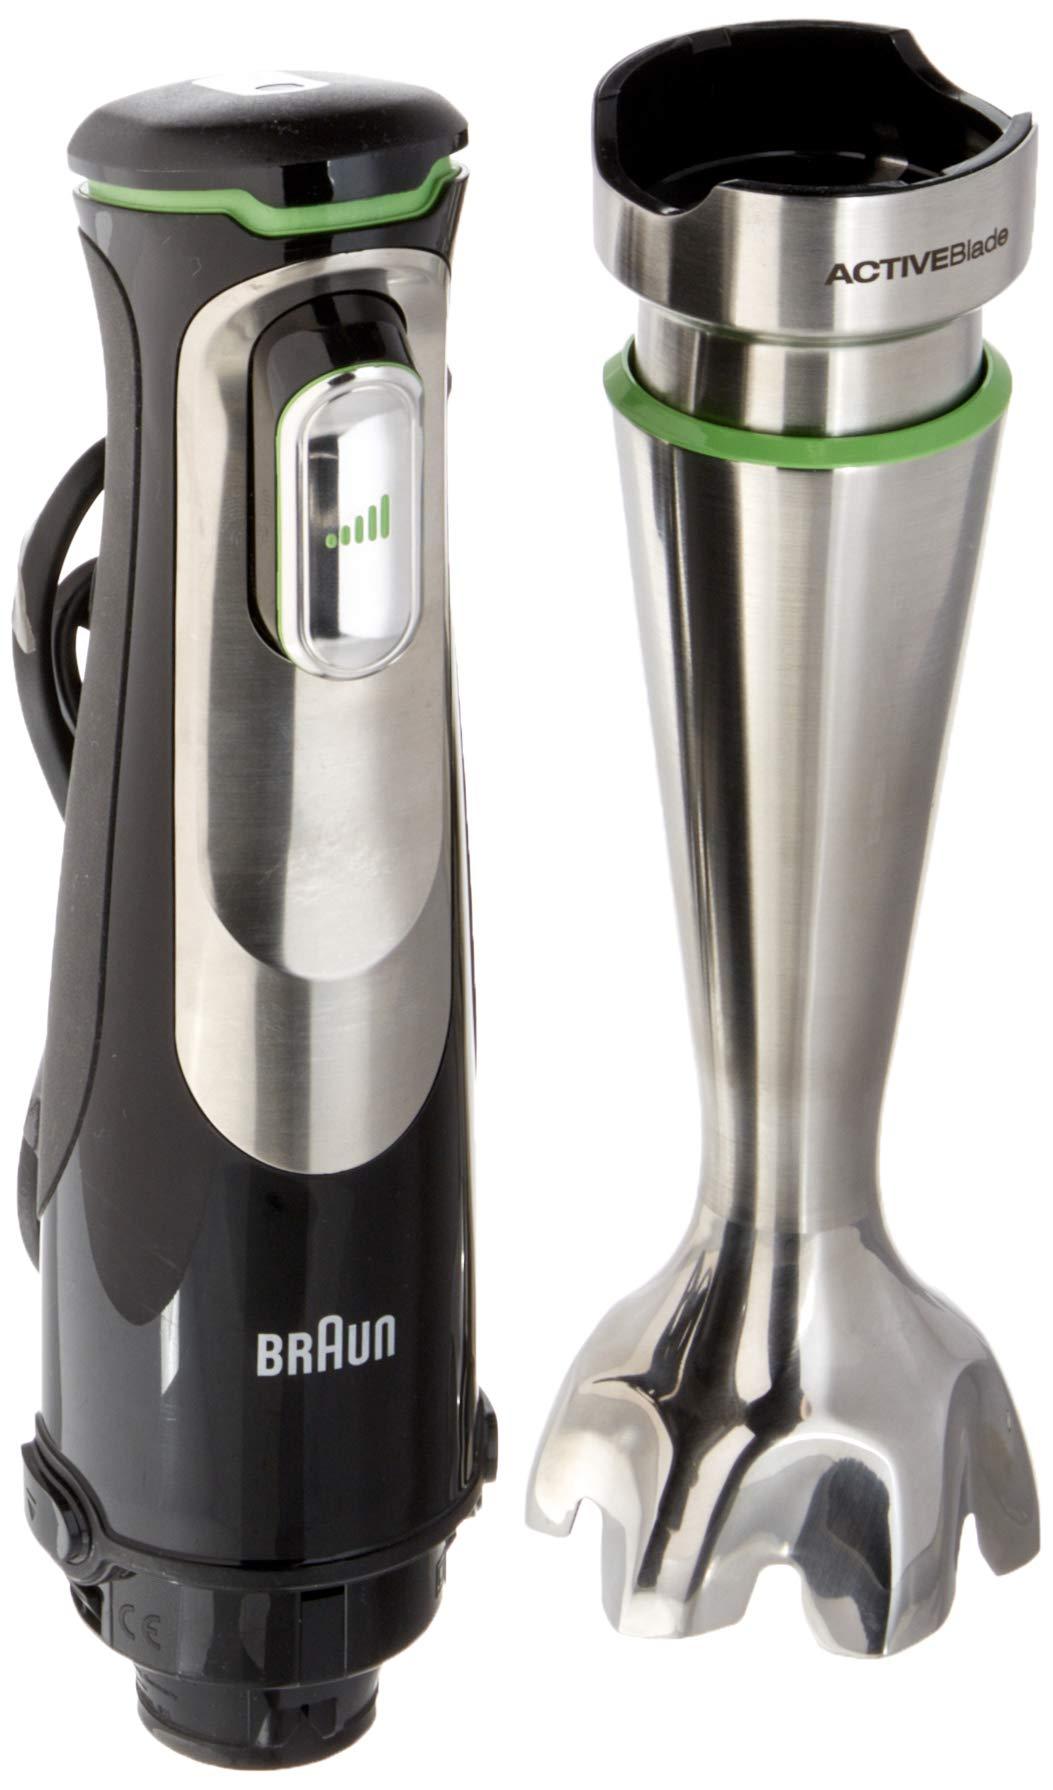 Braun-MultiQuick-9-MQ-9037X-Stabmixer-1000-W-Zerkleinerer-500-ml-Kartoffel-Gemsestampfer-EasyClick-System-Plus-ACTIVEBlade-Technologie